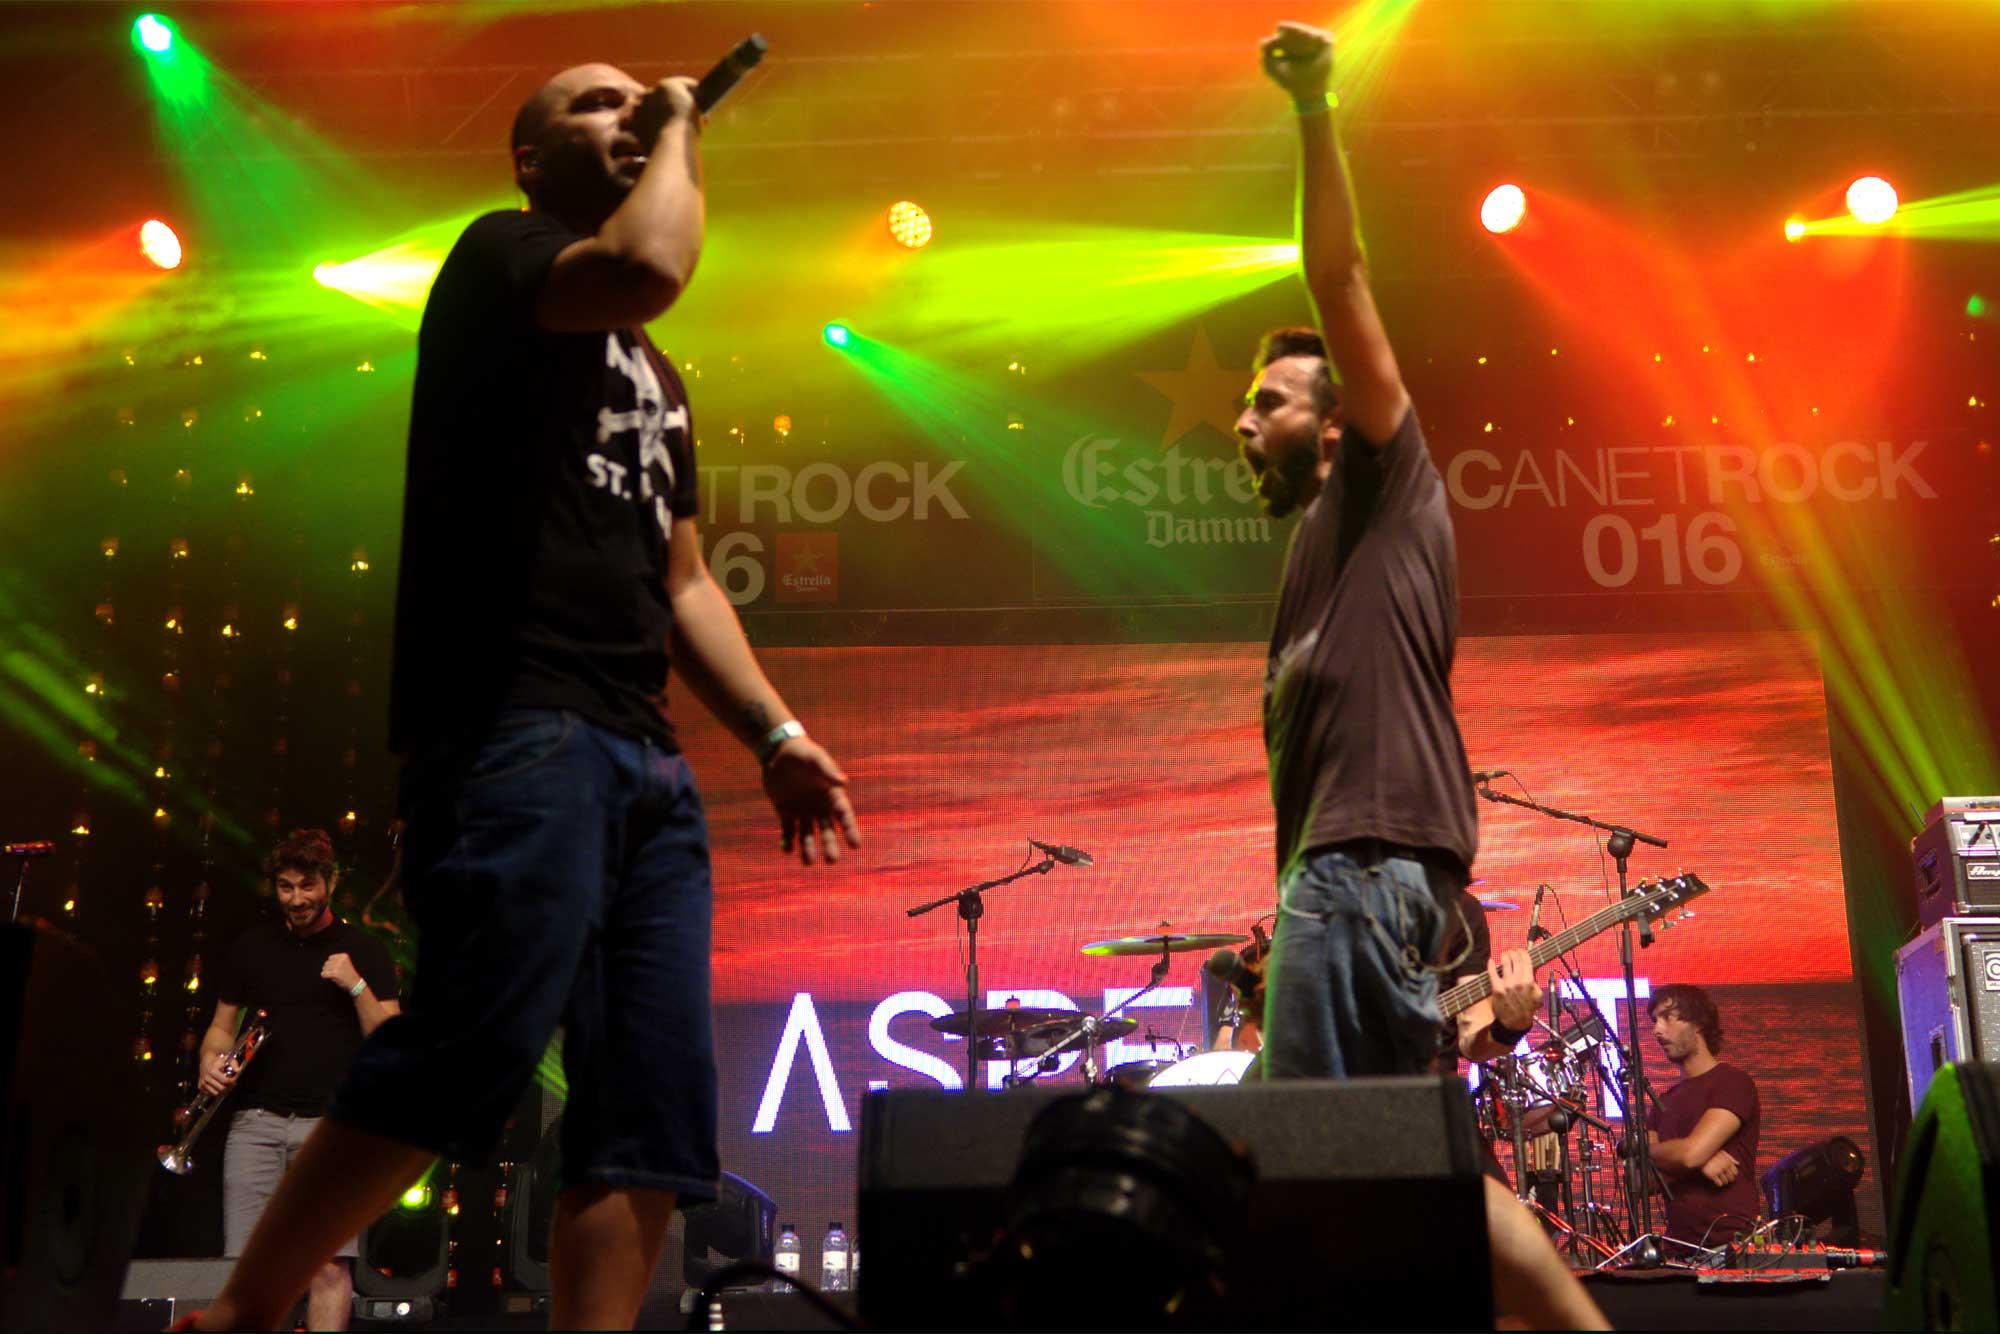 Els cantants d'Aspencat, Kiko Tur i Ivan Gosp, creuant-se a l'escenari durant una actuació del grup de la Marina al Canet Rock 2016.